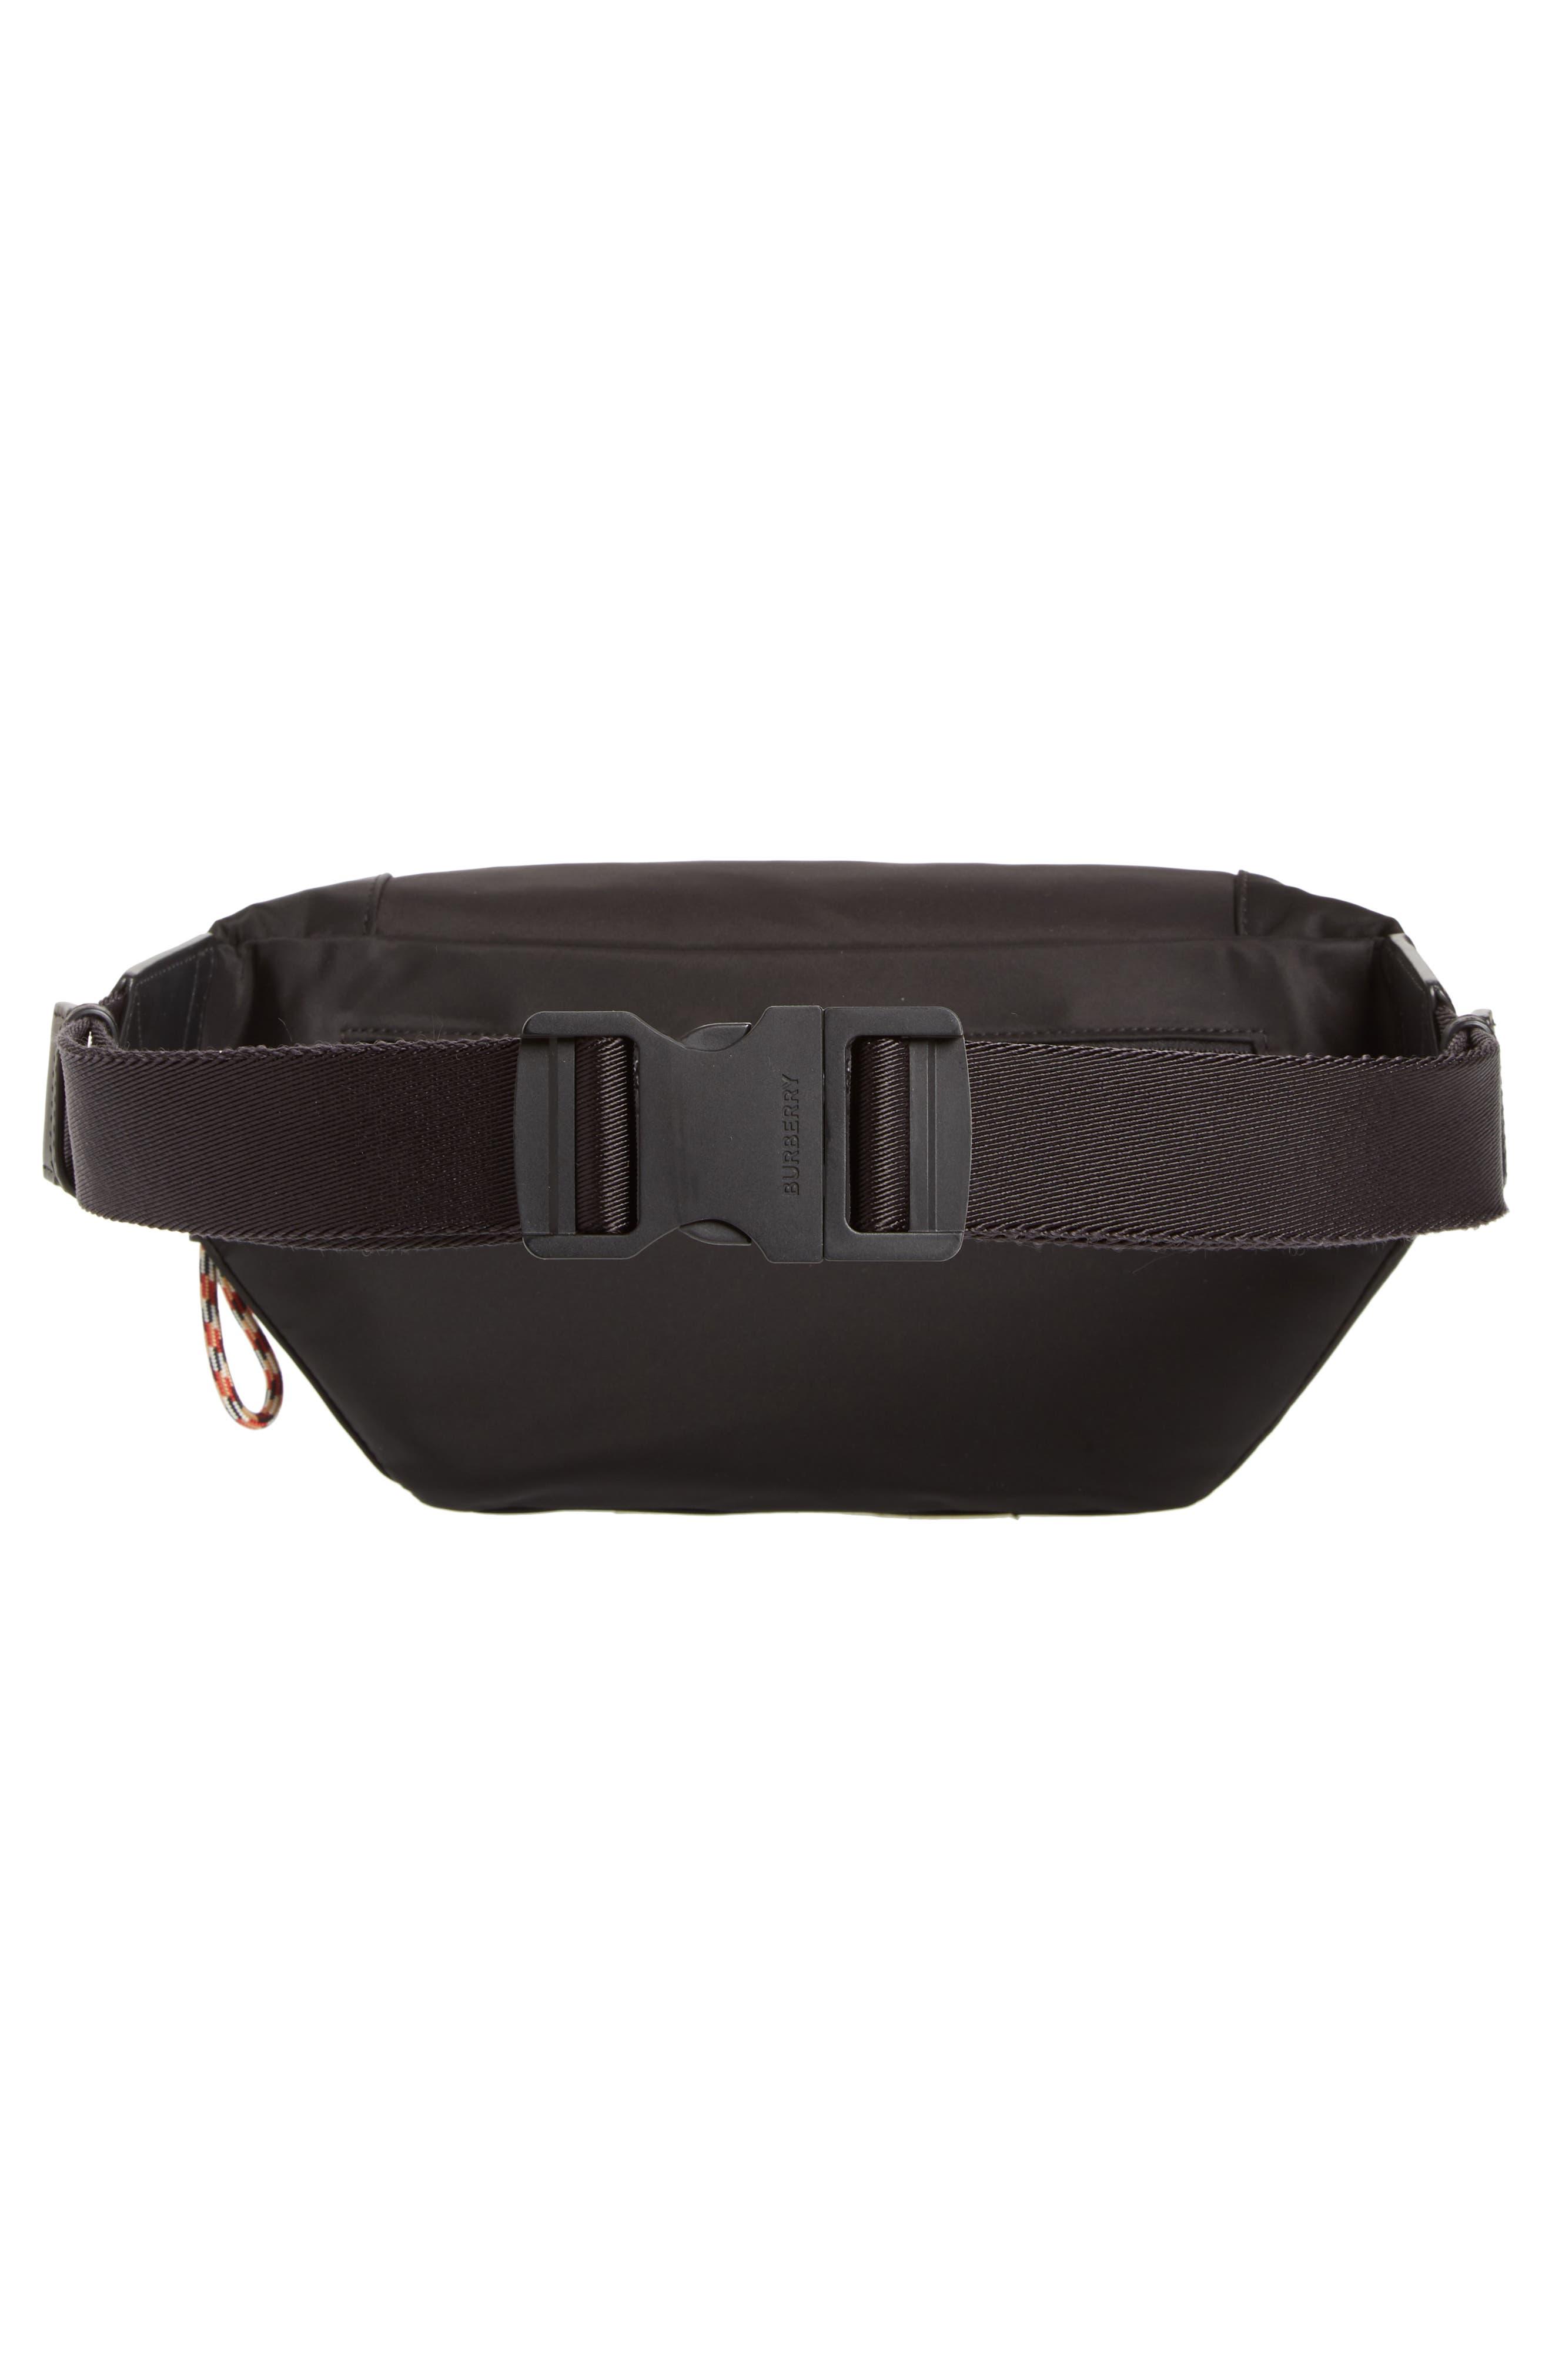 BURBERRY, Medium Sonny Logo Belt Bag, Alternate thumbnail 4, color, BLACK